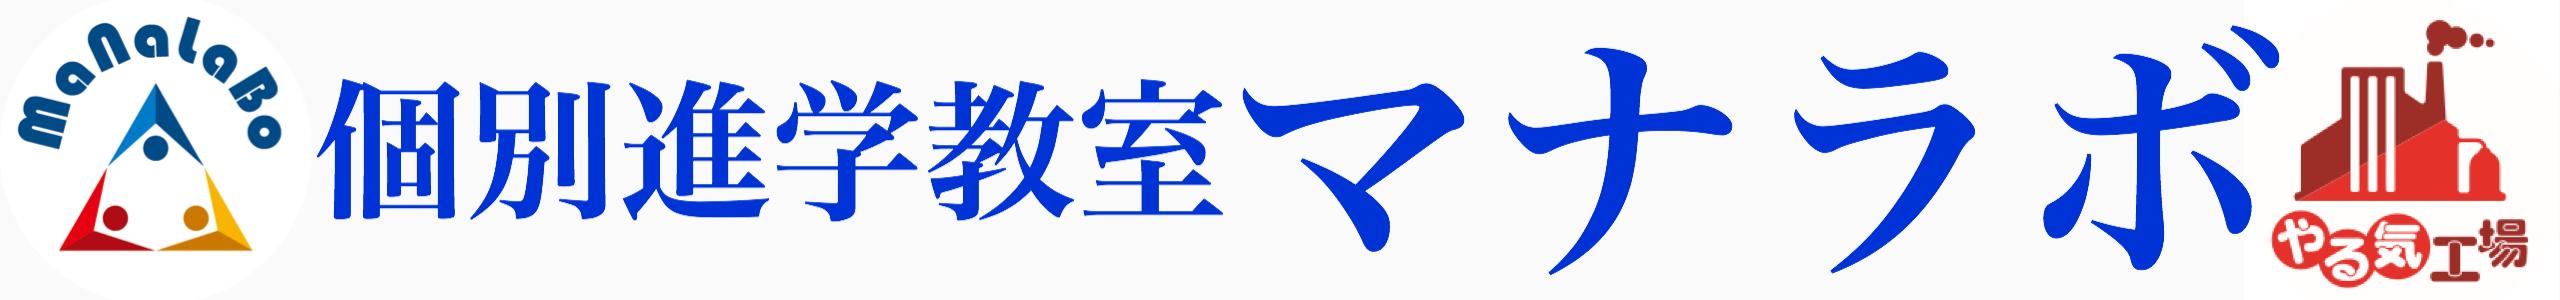 【公式】塾・学習塾・個別指導の個別進学教室マナラボ